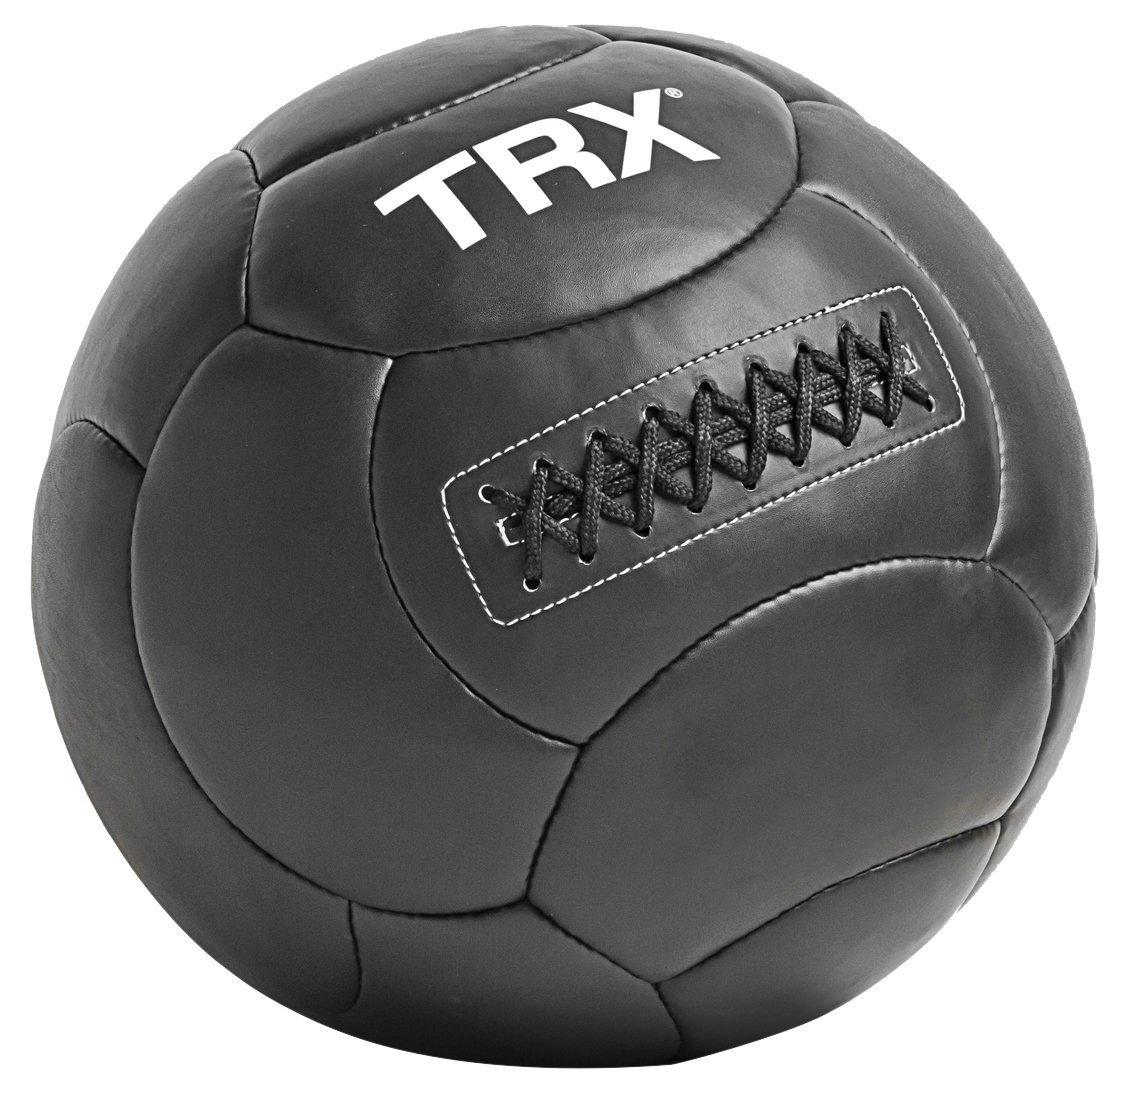 Entrenamiento TRX - Balón medicinal hecho a mano TRX con costuras reforzadas